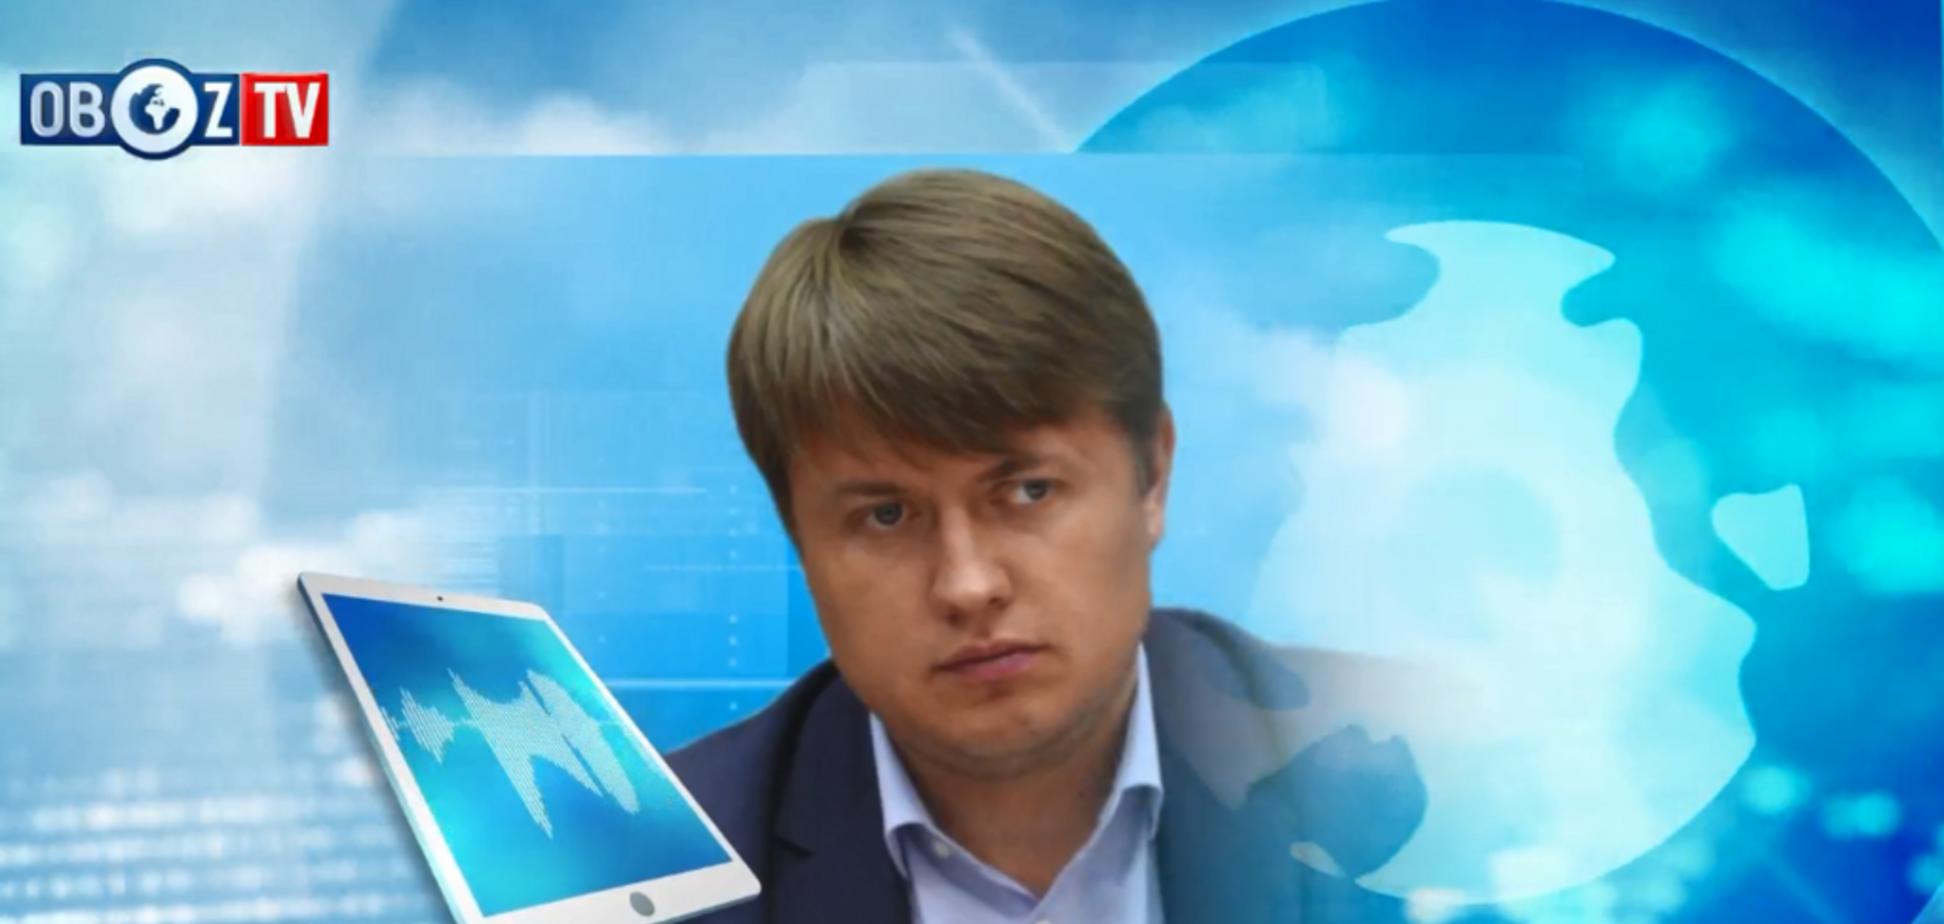 'Є суперечливі моменти': у Зеленського прояснили долю співпраці з МВФ